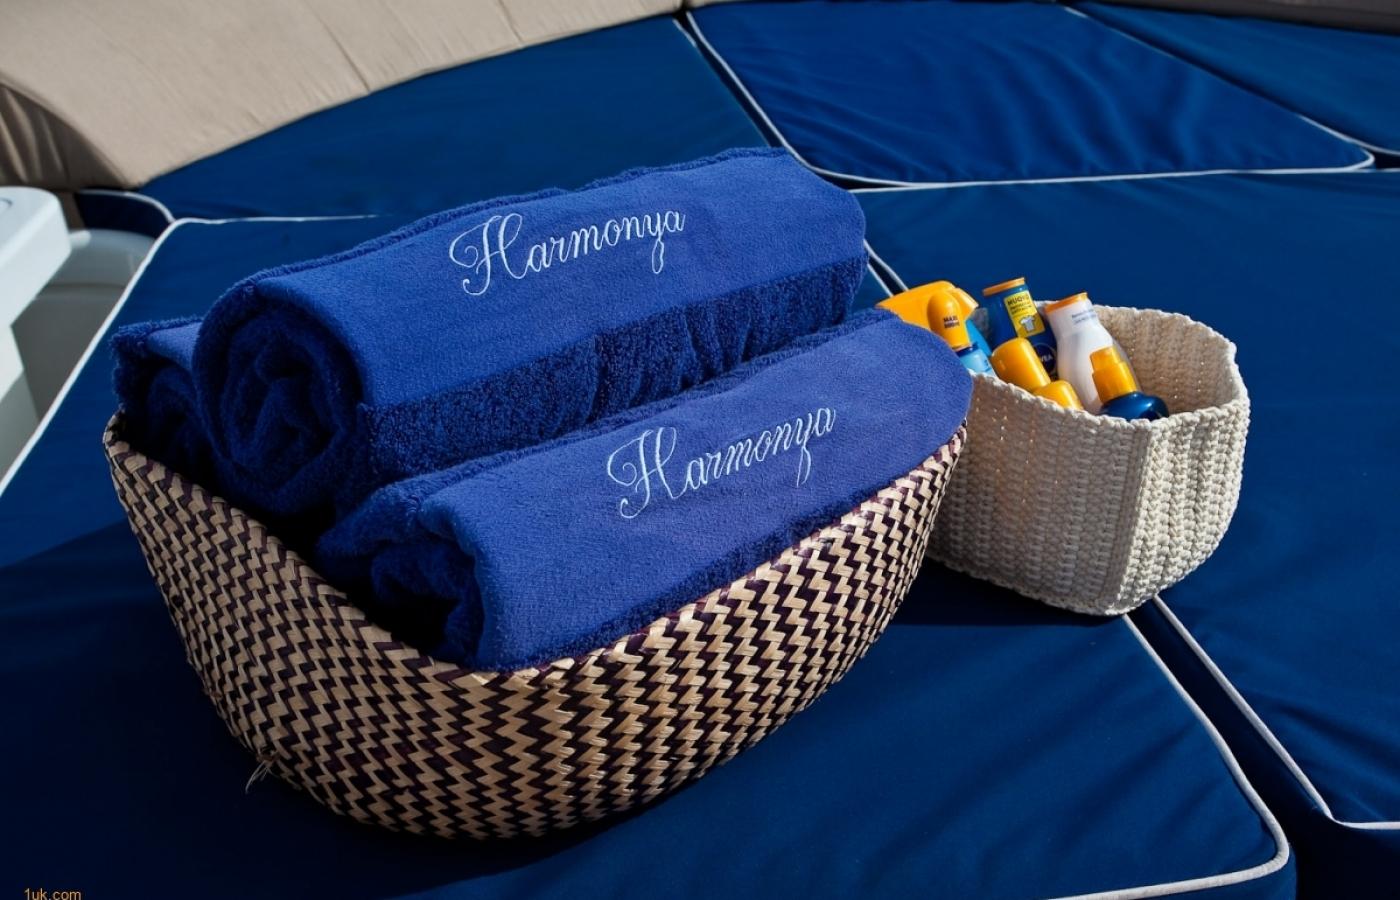 Harmonya_Towels